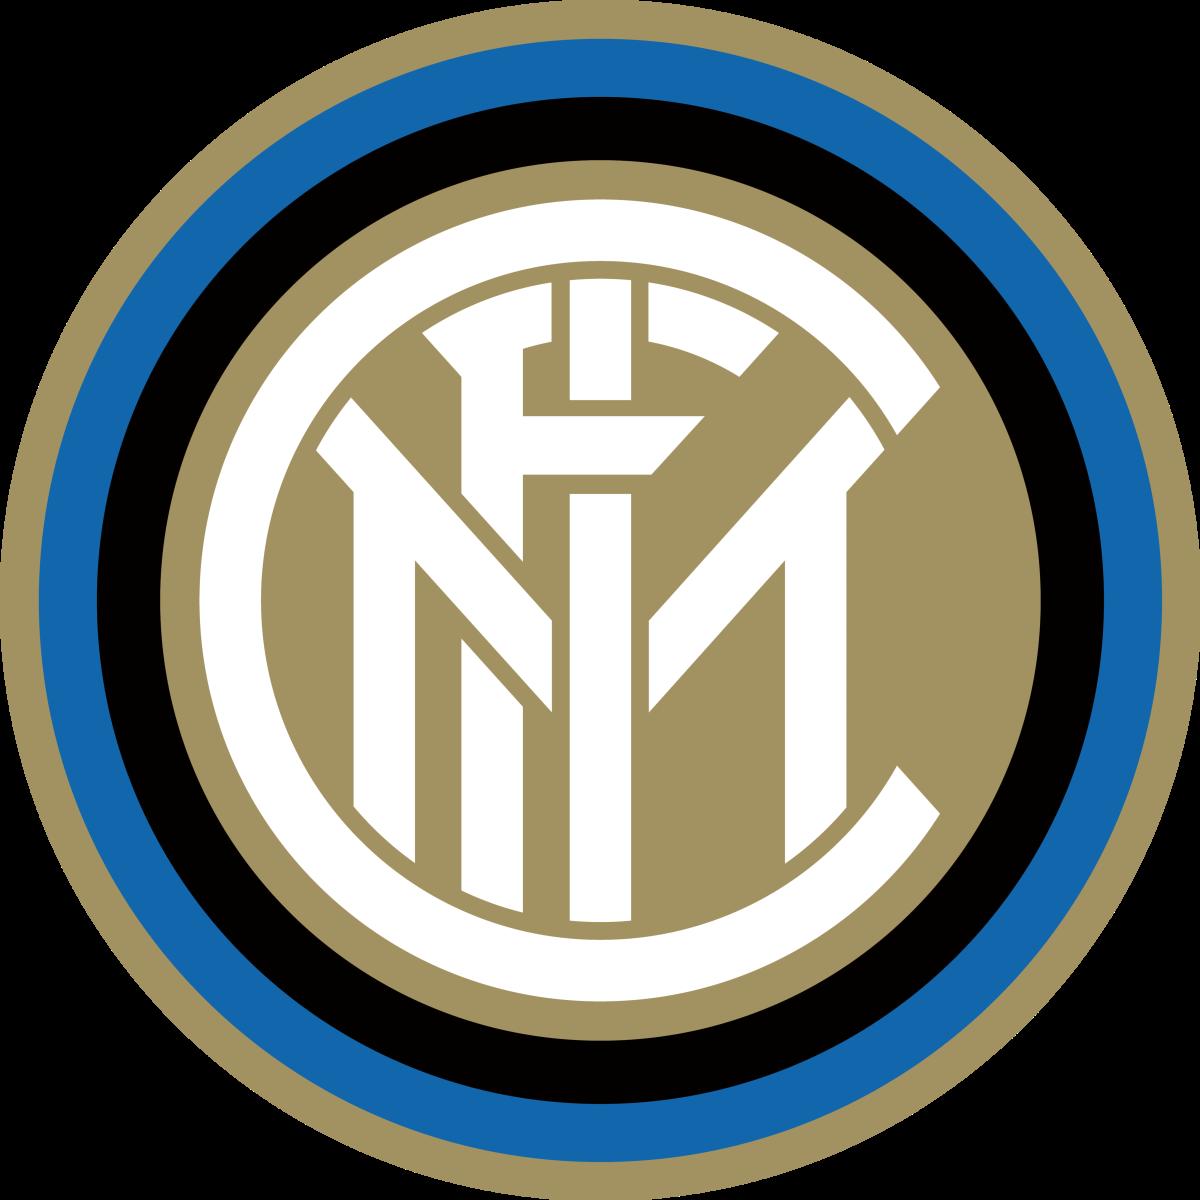 db6702ce9dd73 Inter Milan - Wikipedia